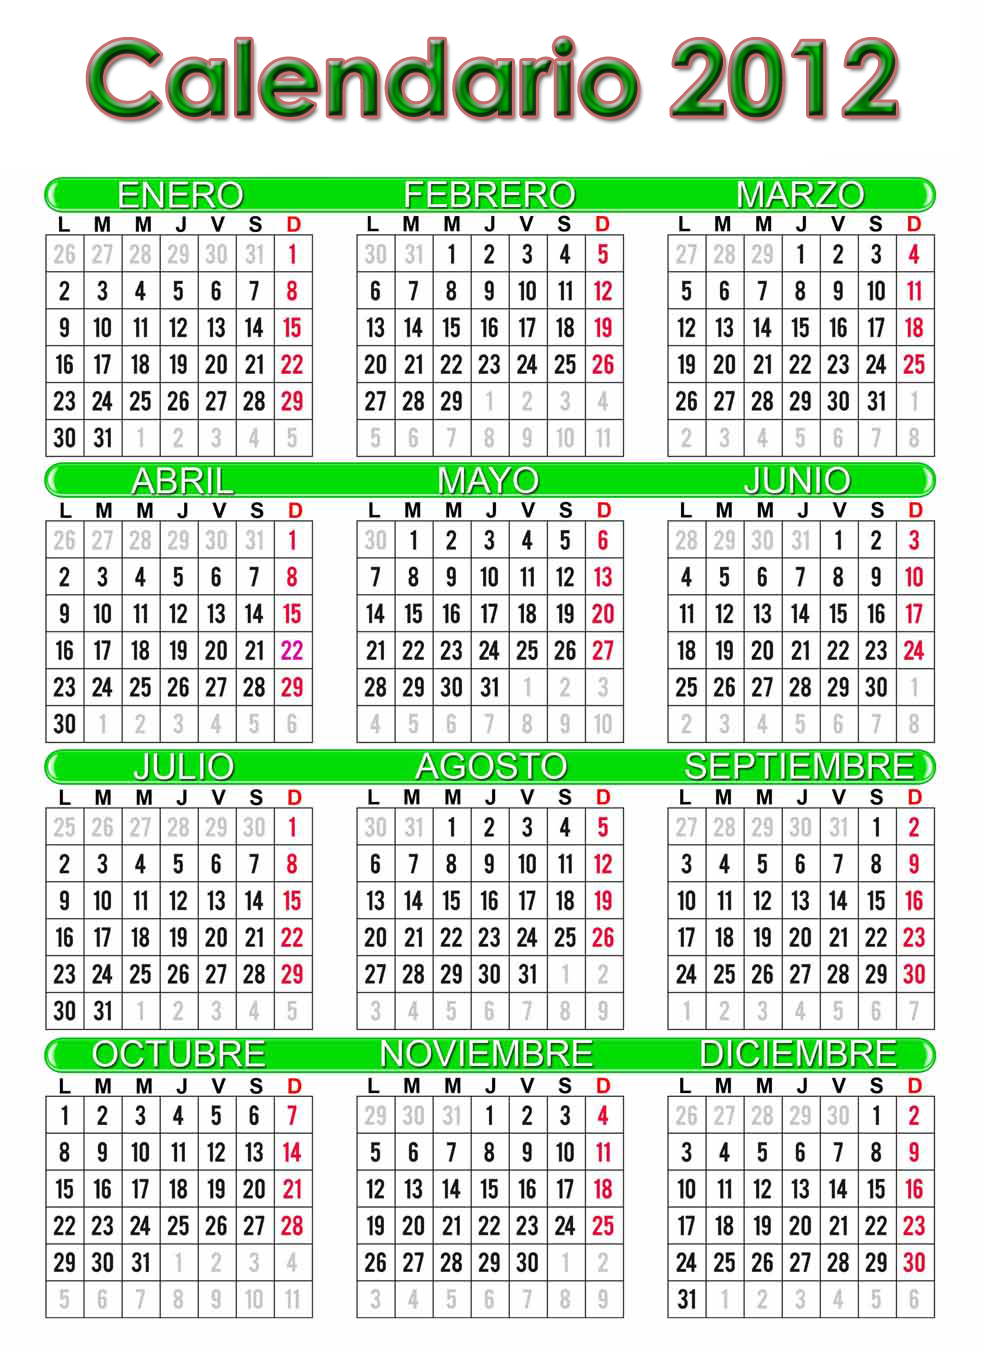 calendario 2012 español grande imprimir 378x520 Ver Calendario 2012 ...